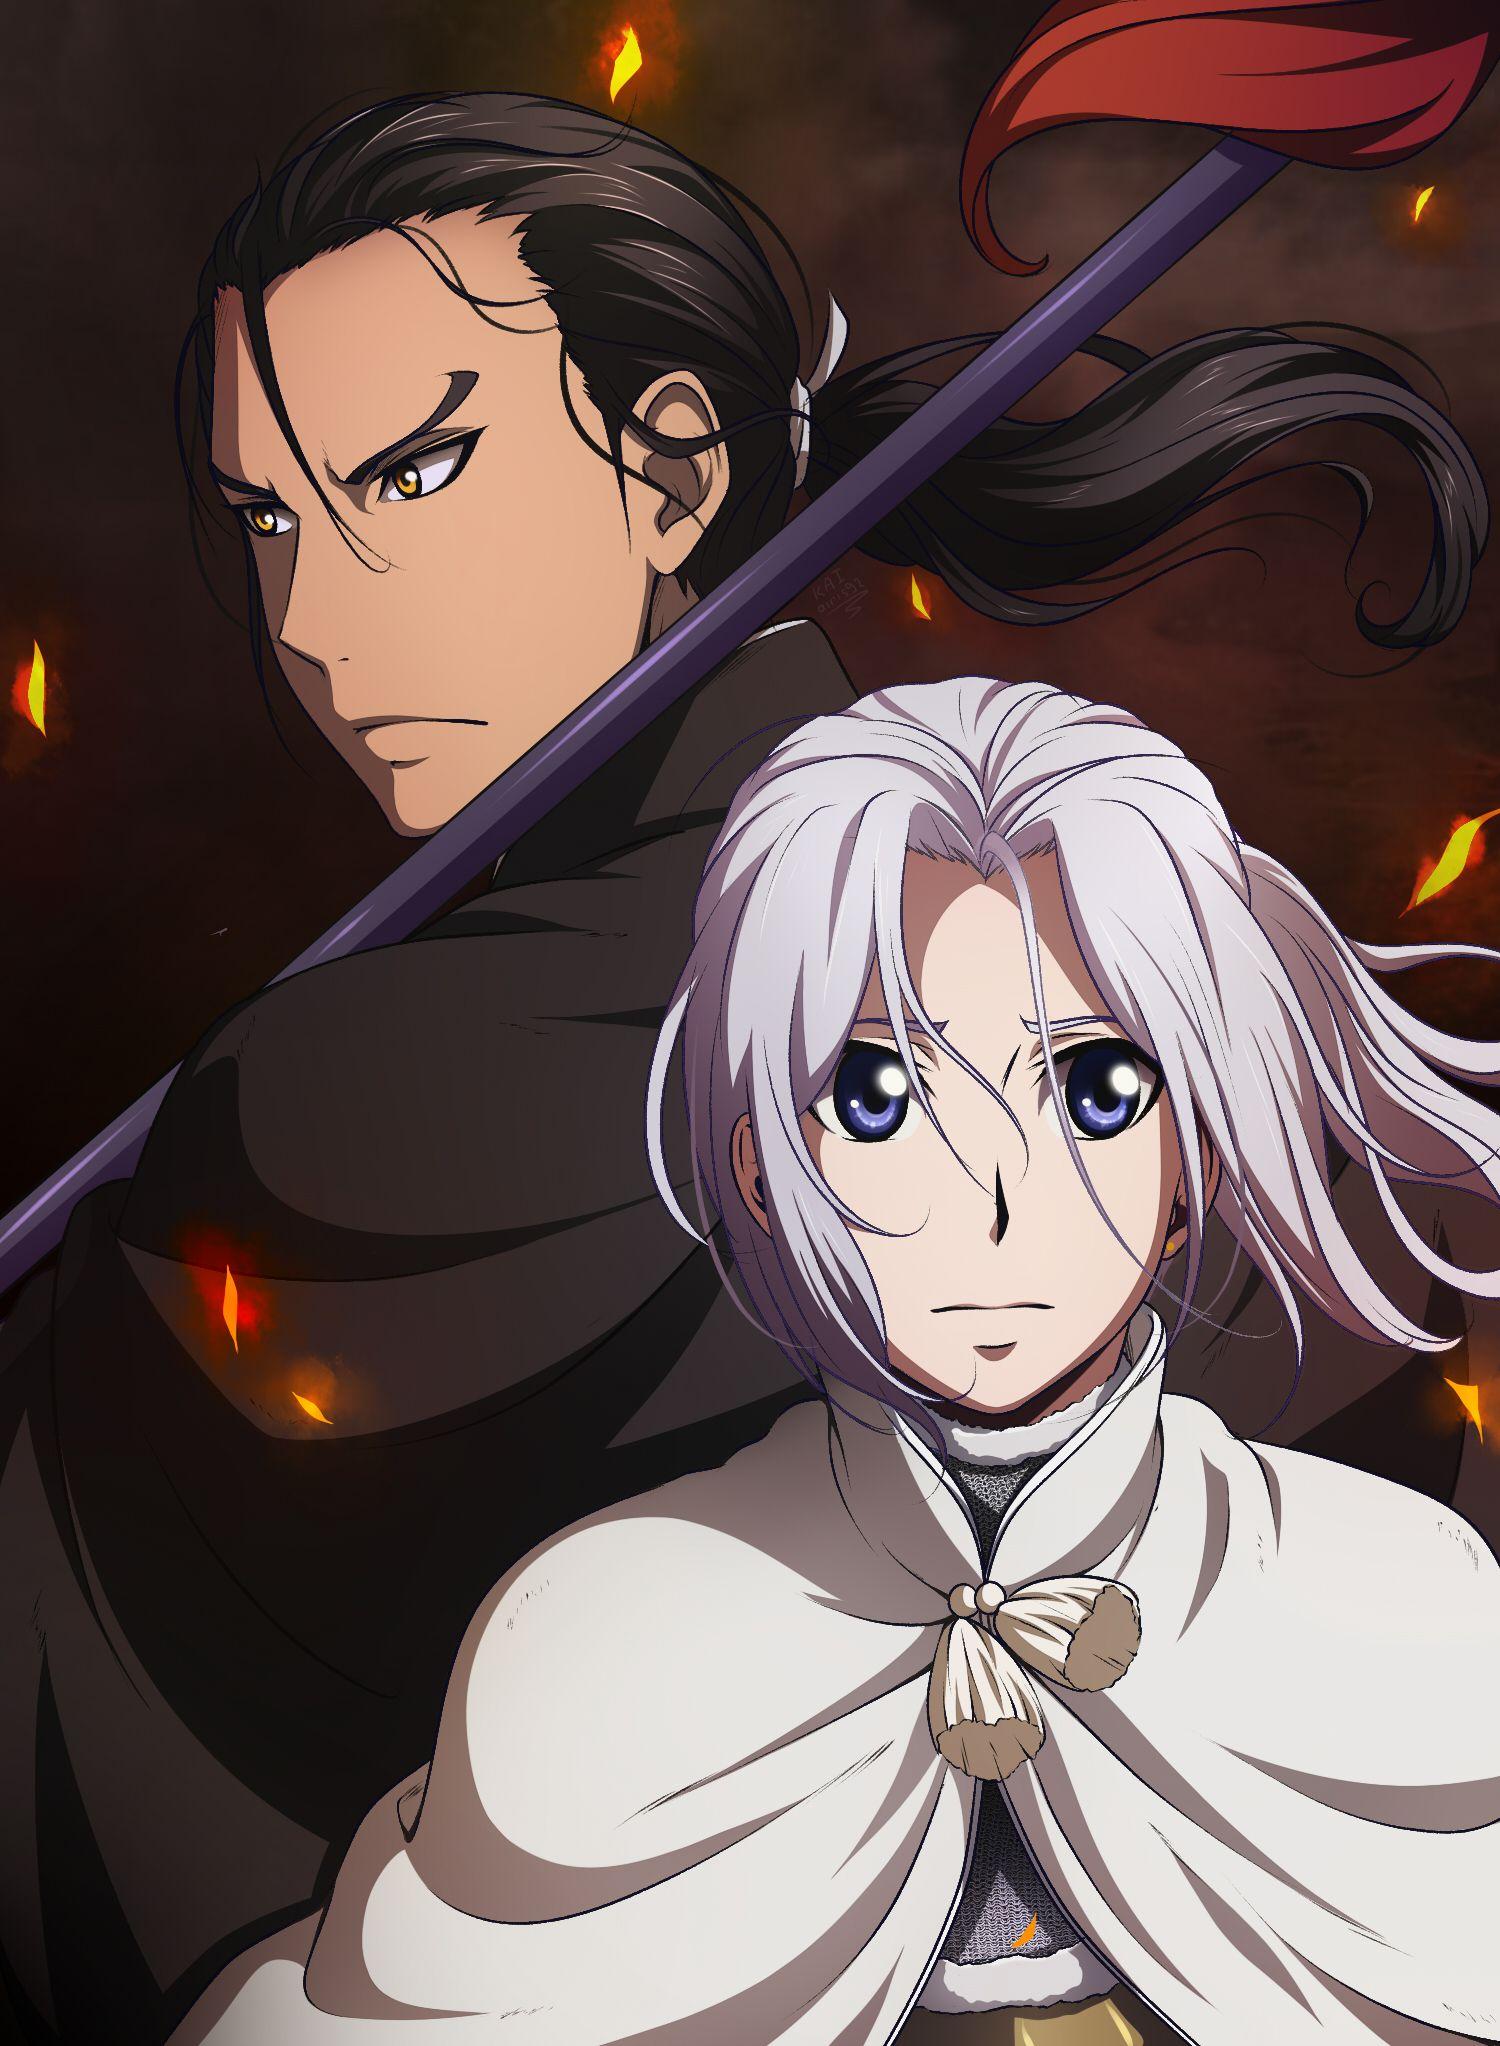 Arslan senki1907036 zerochan anime films japanese